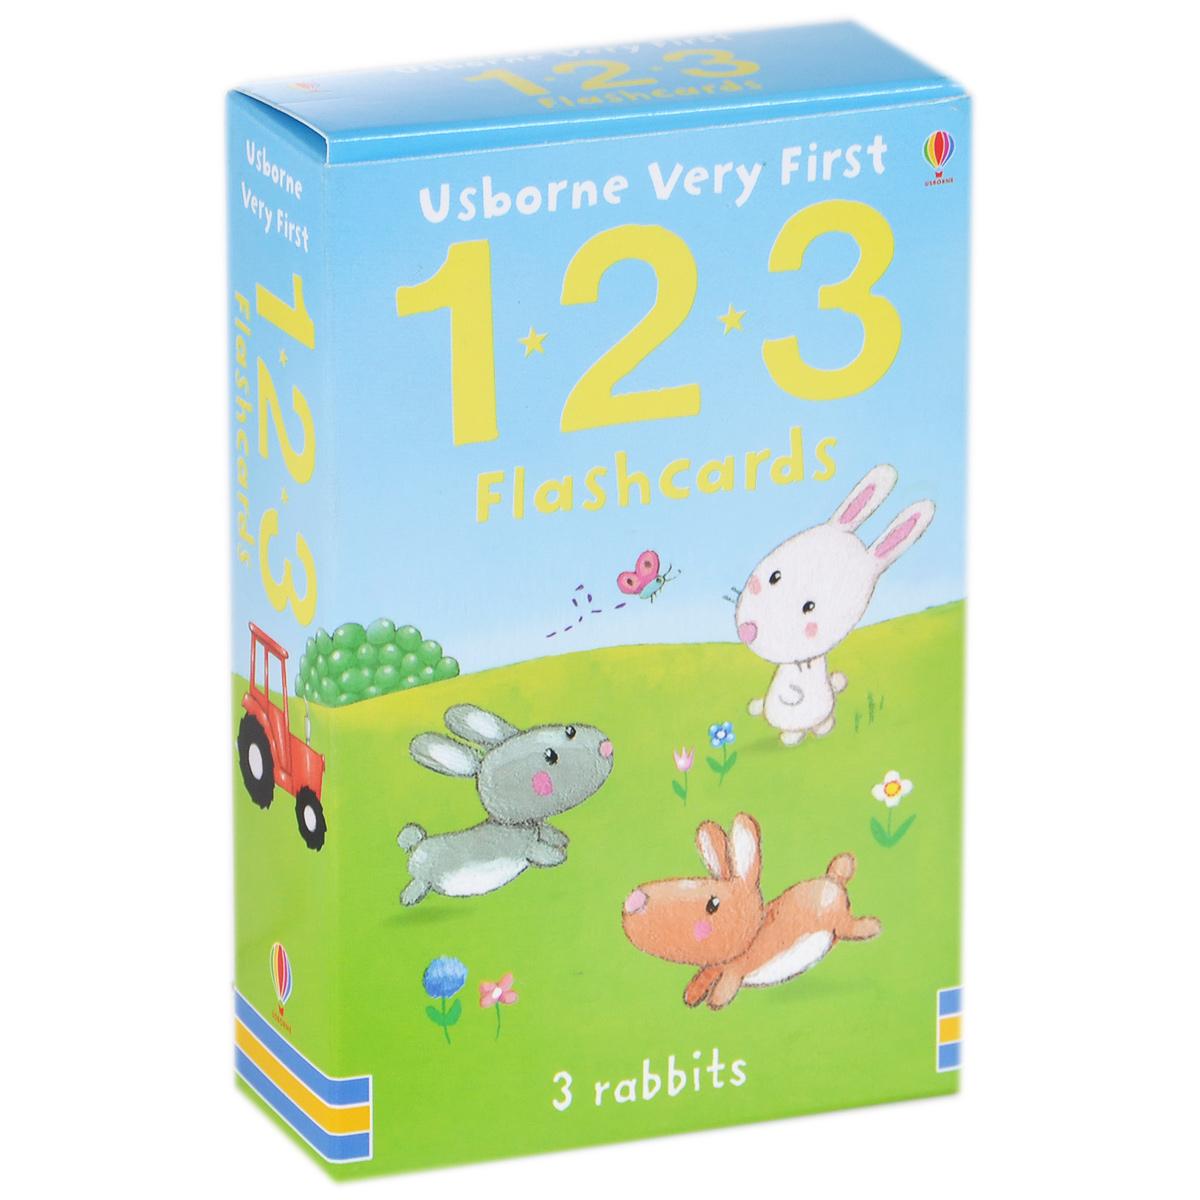 Usborne Very First 1, 2, 3 (набор из 30 карточек)